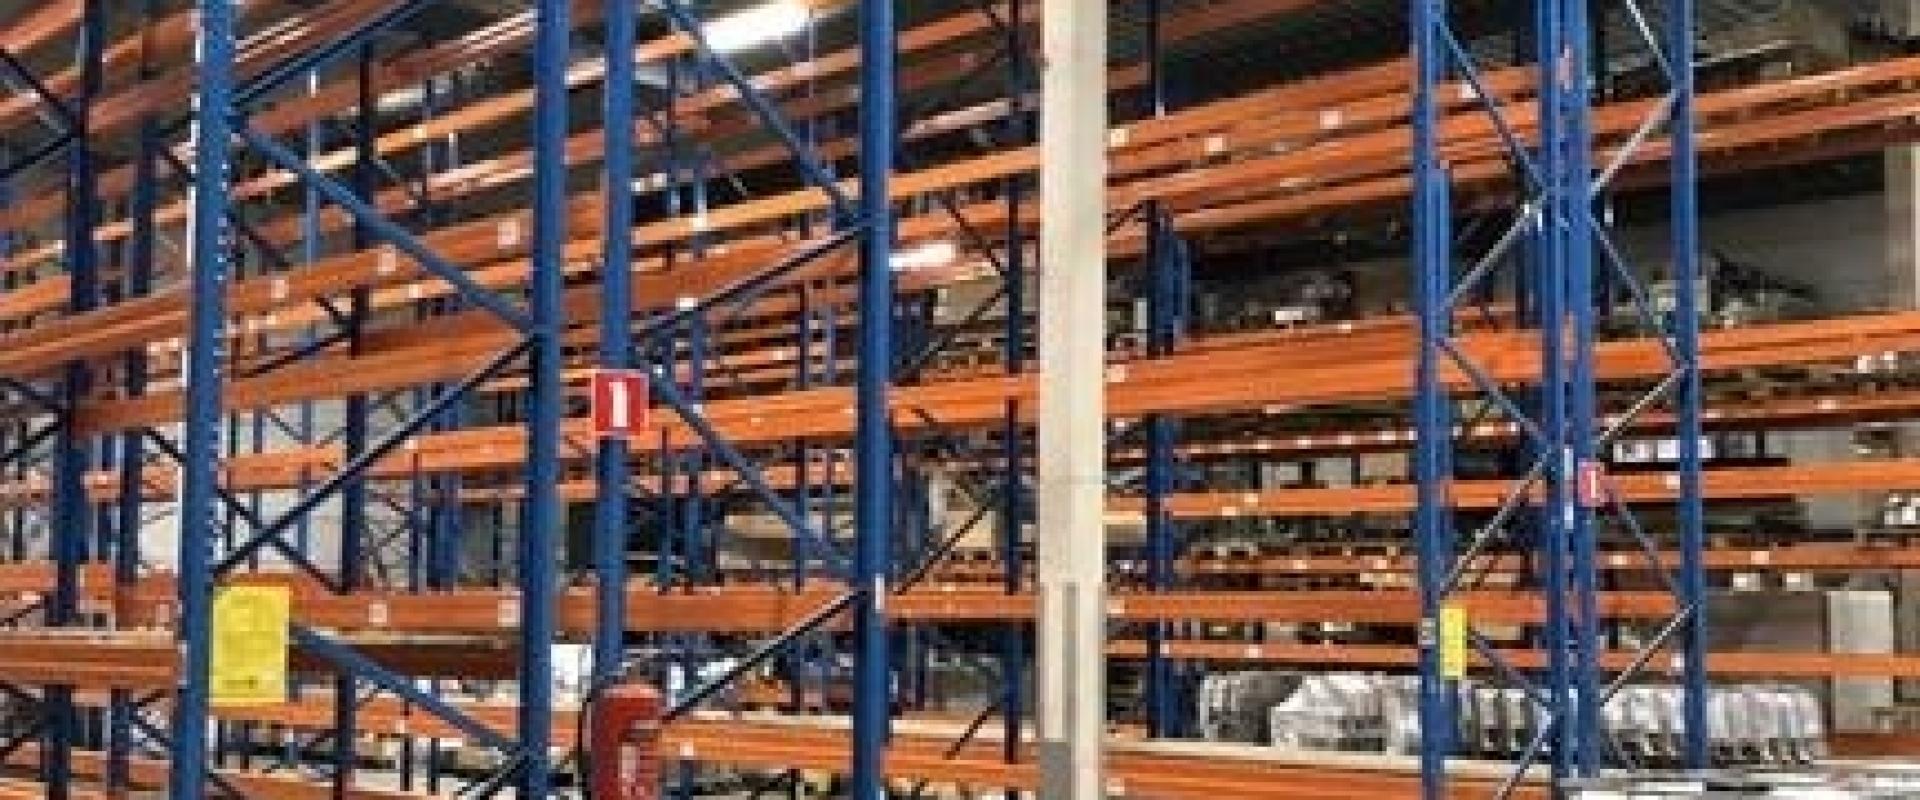 600 m2 opslagruimte beschikbaar in Heerhugowaard